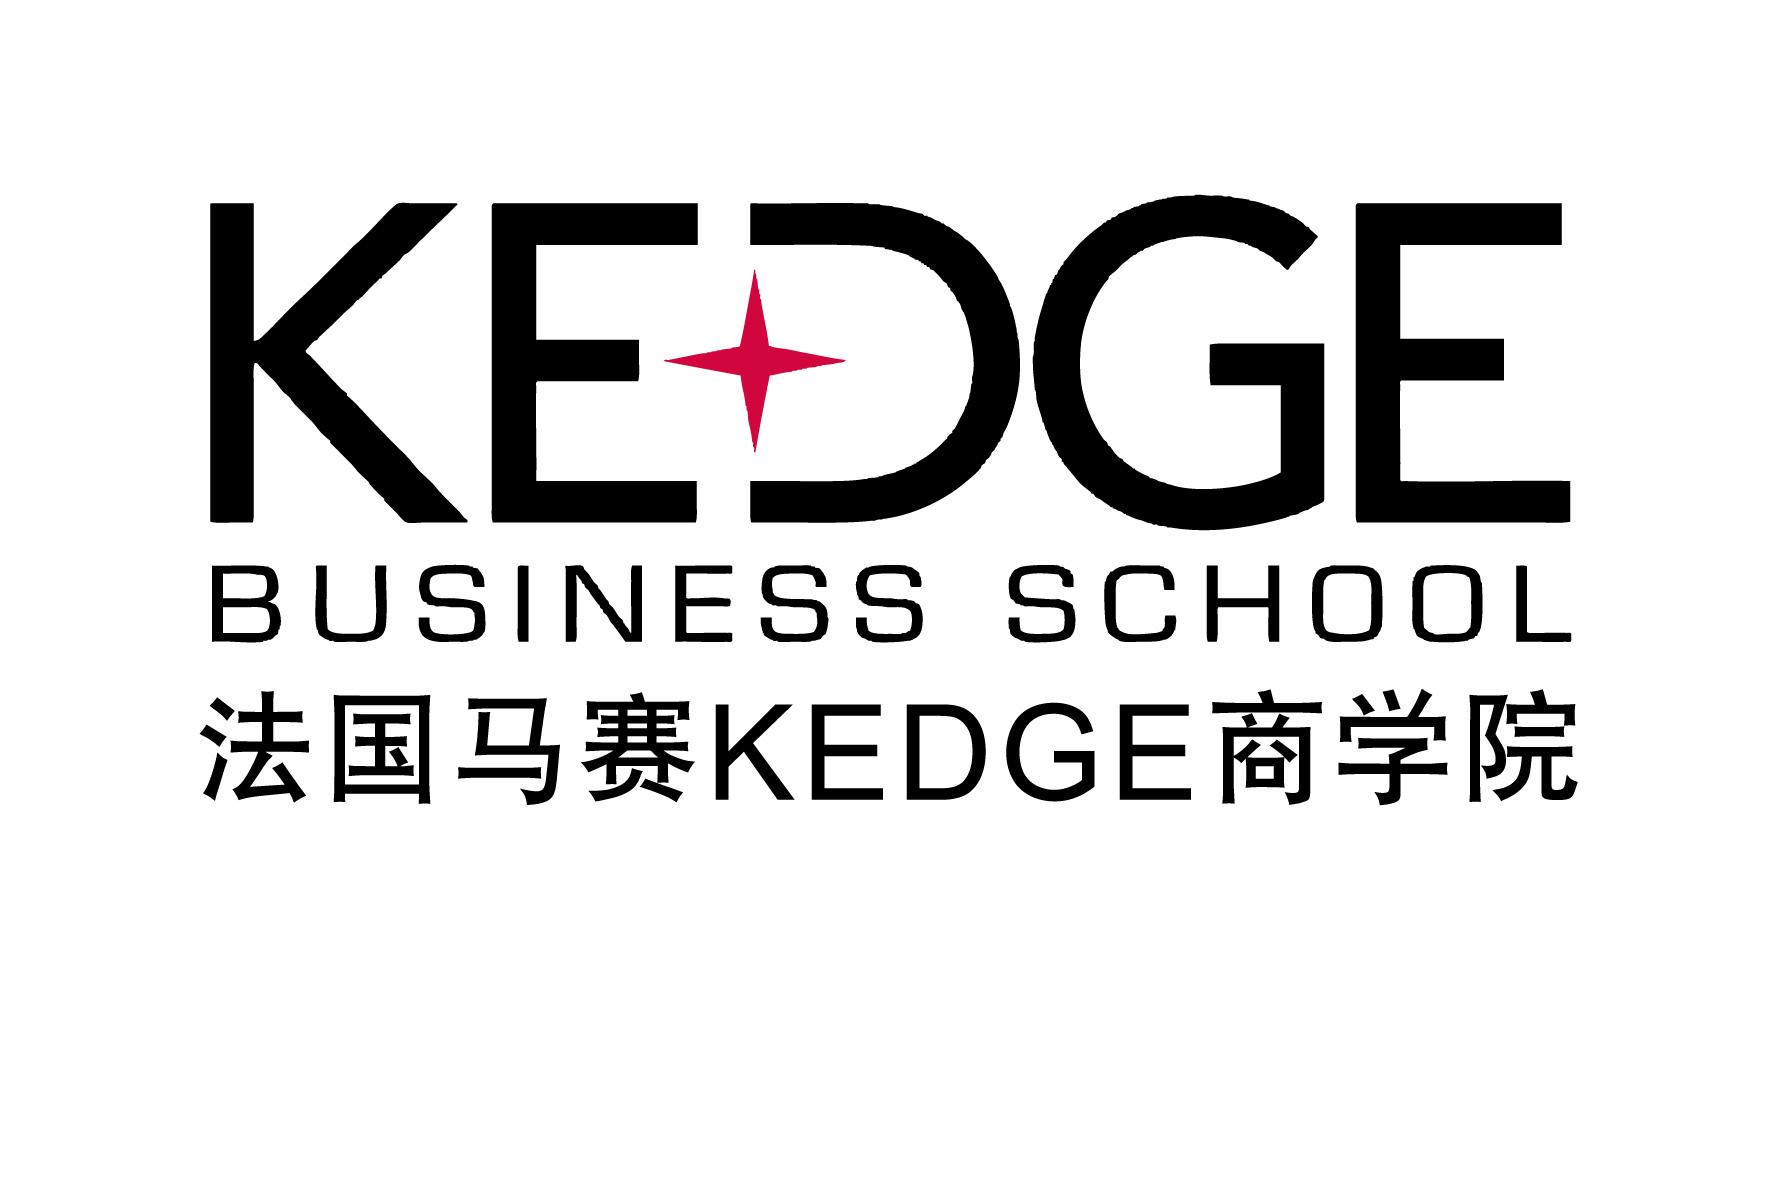 KEDGE logo